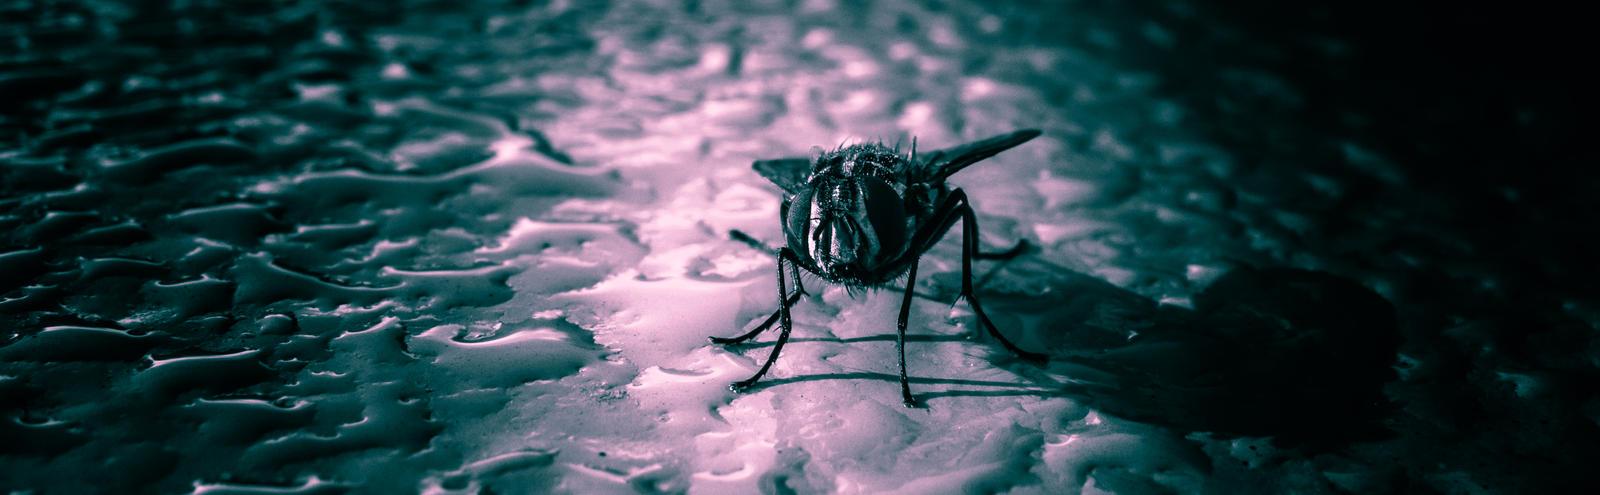 a fly's landscape by paddyola